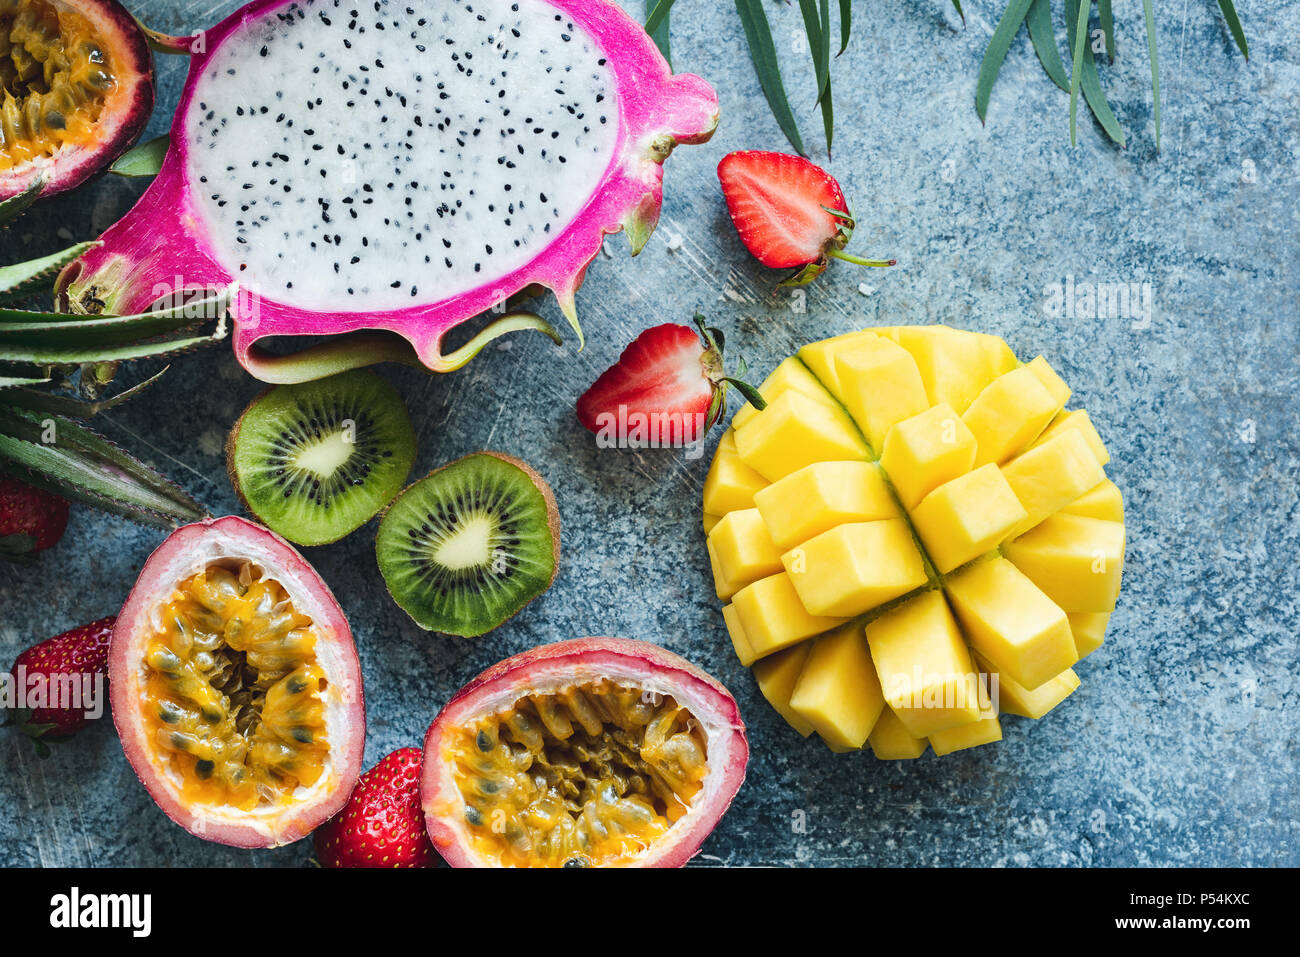 Mango, pitaya, kiwi, strawberry and passion fruit. Tropical fruits on concrete background - Stock Image